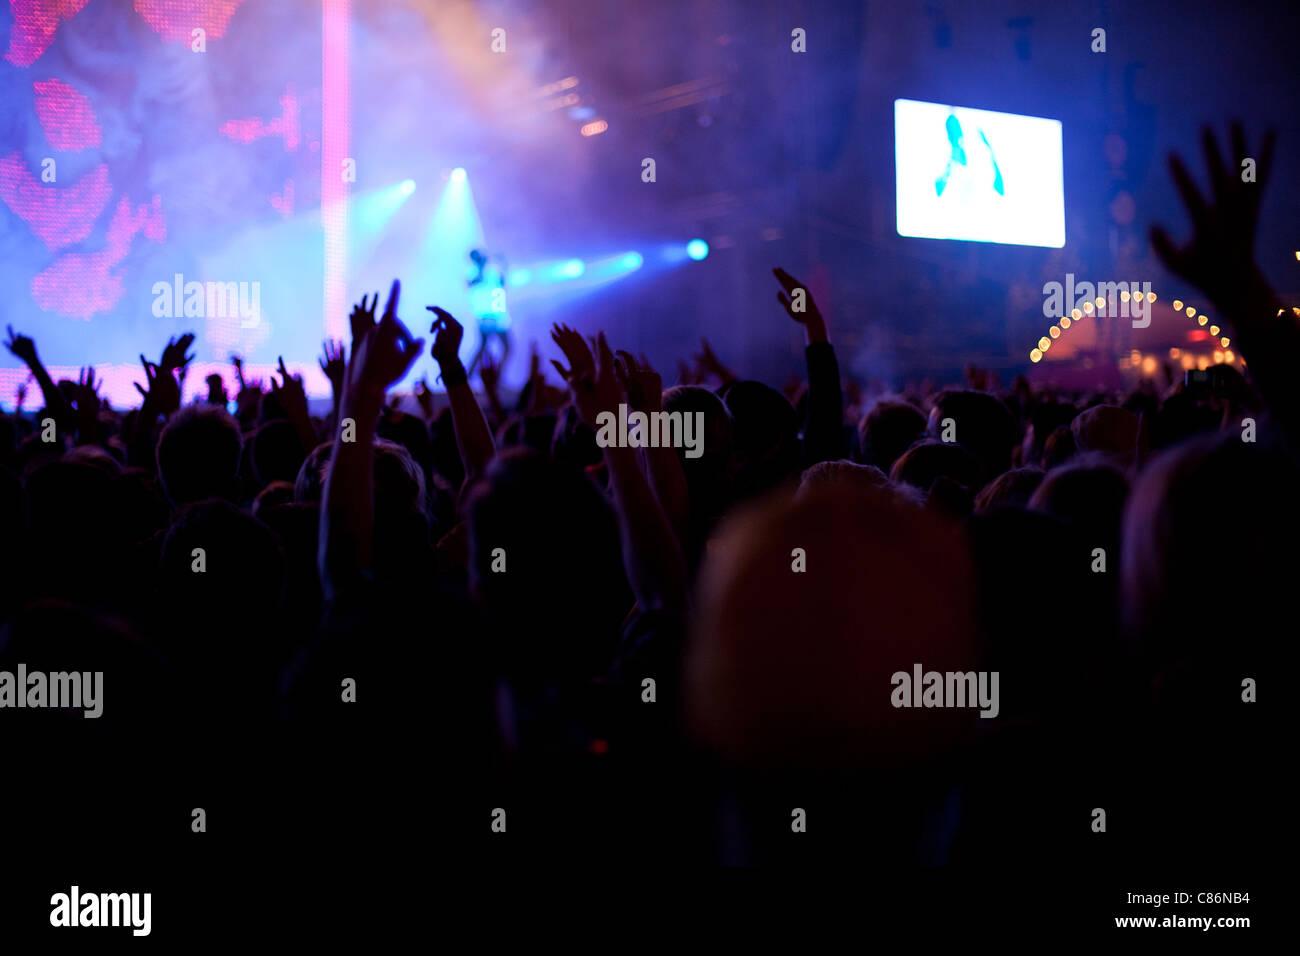 Hände in die Luft auf einem festival Stockbild